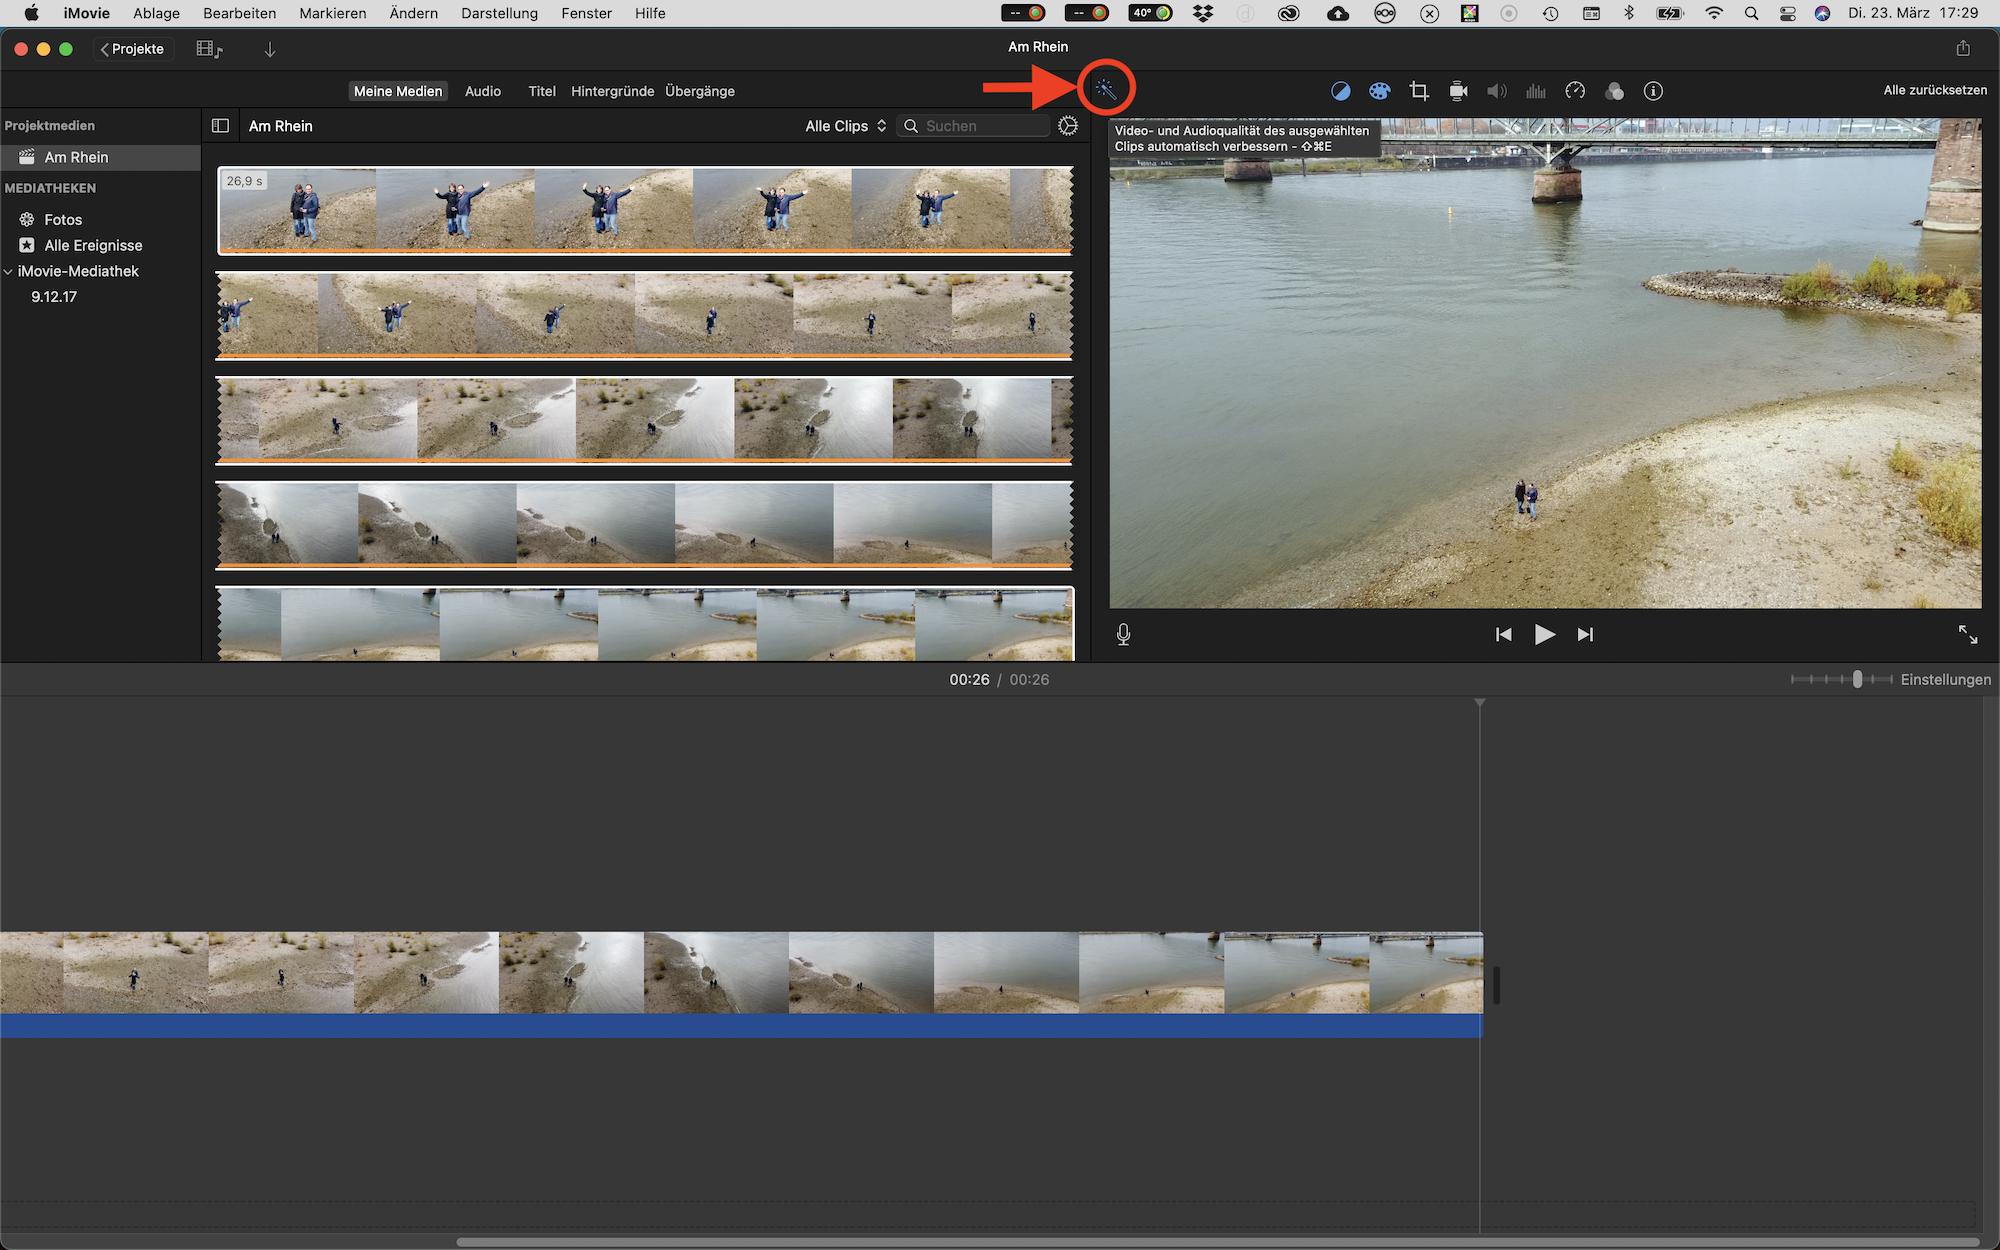 iMovie-Bild-1-autmatische-Verbesserung.png